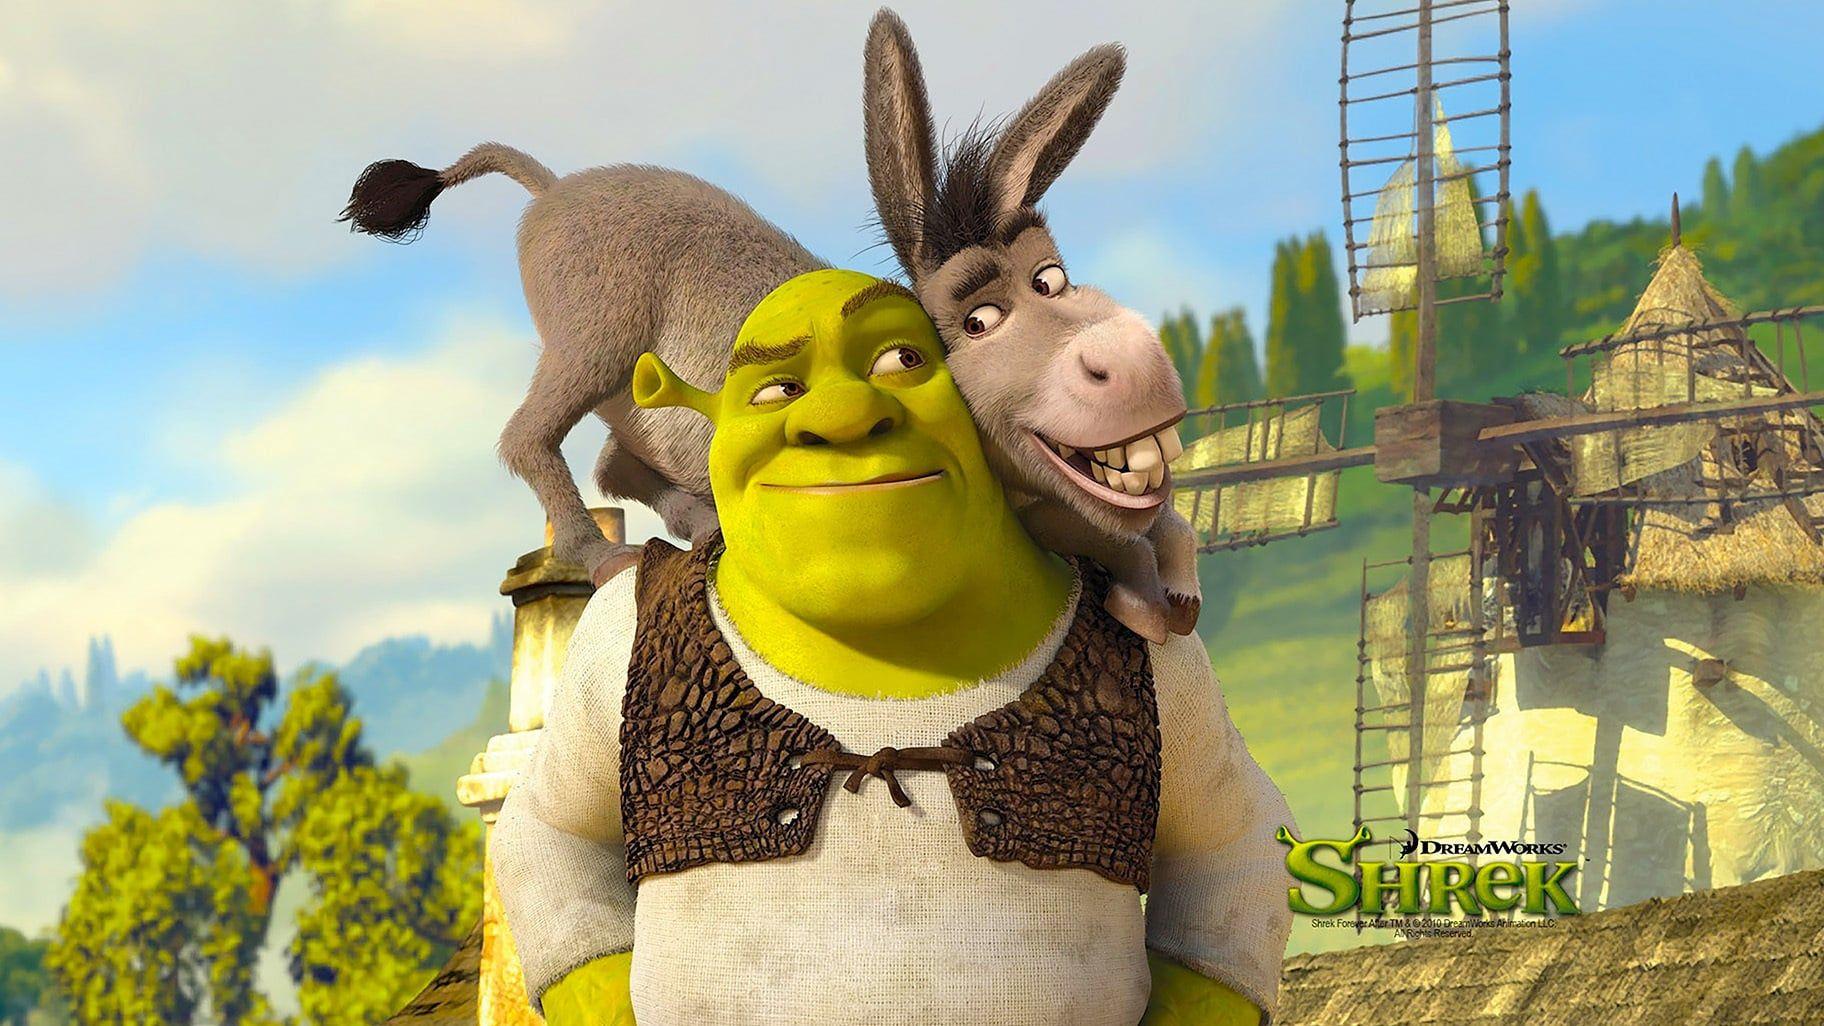 Shrek Un Ogre Verdatre Cynique Et Malicieux A Elu Domicile Dans Un Marecage Qu Il Croit Etre Un Havre De Pa Shrek Free Movies Online Full Movies Online Free